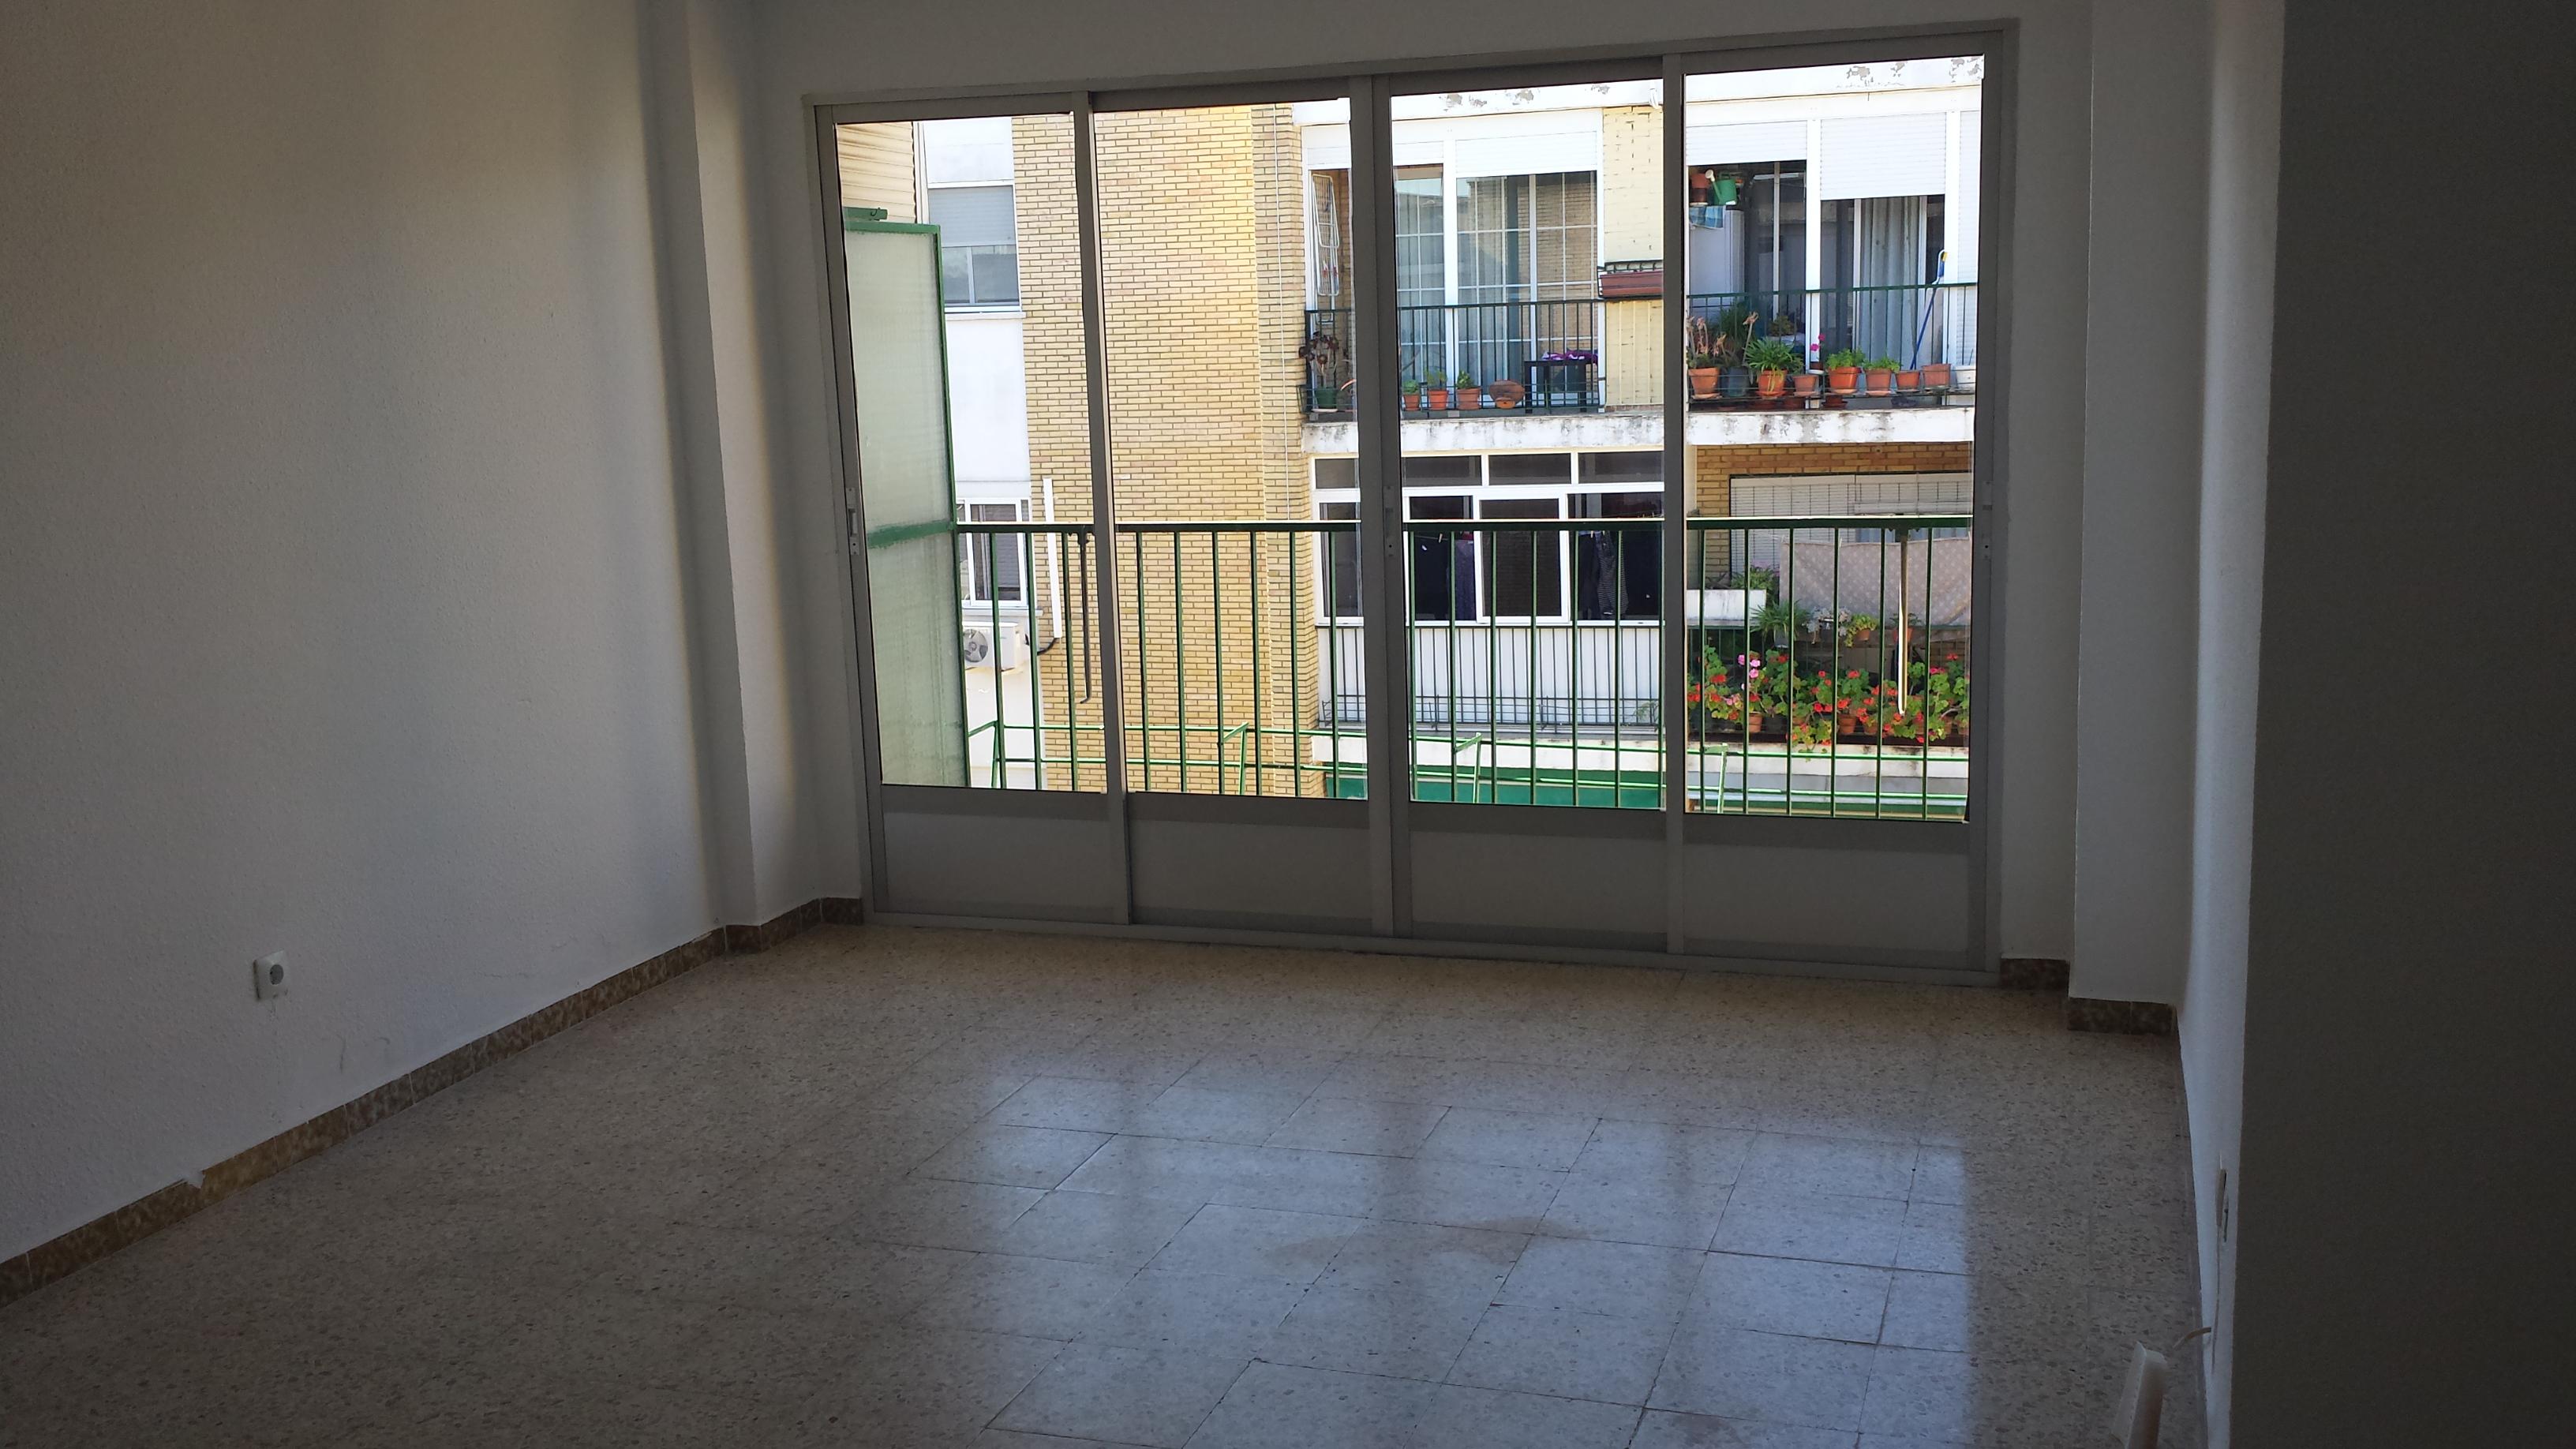 Piso en venta en Mérida, Mérida, Badajoz, Calle Manuel Sanabria, 58.000 €, 3 habitaciones, 1 baño, 96 m2